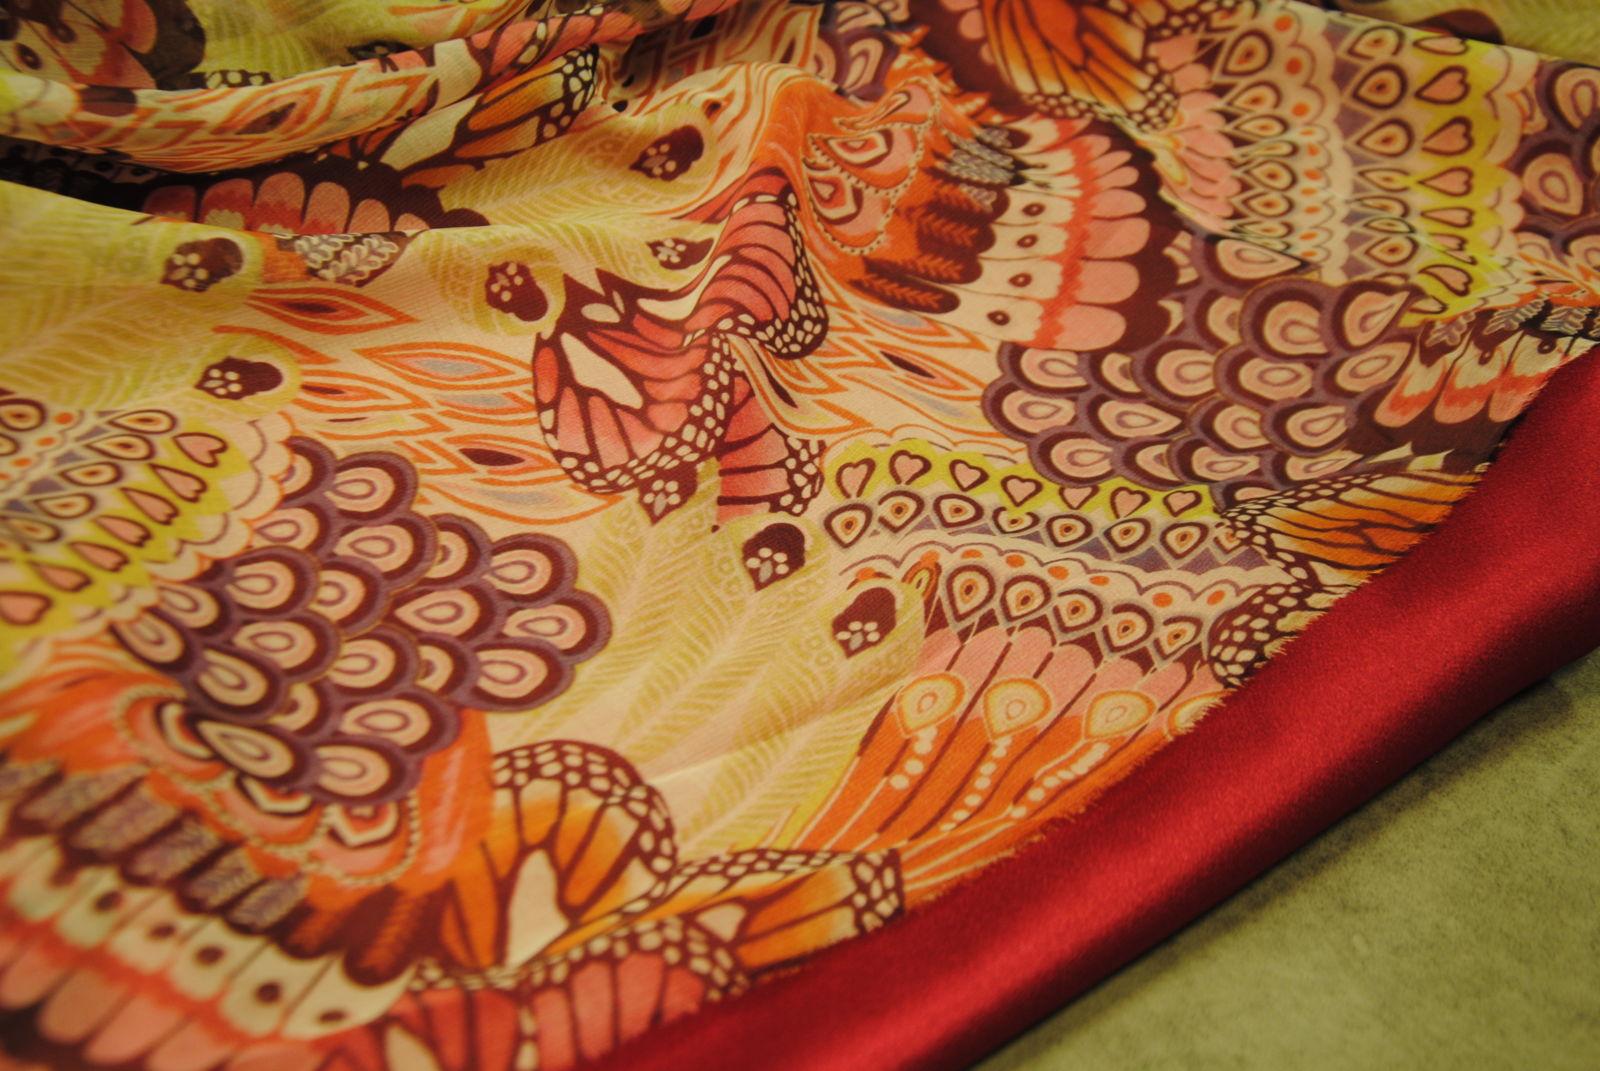 DSC 0927 Butterfly & Colors